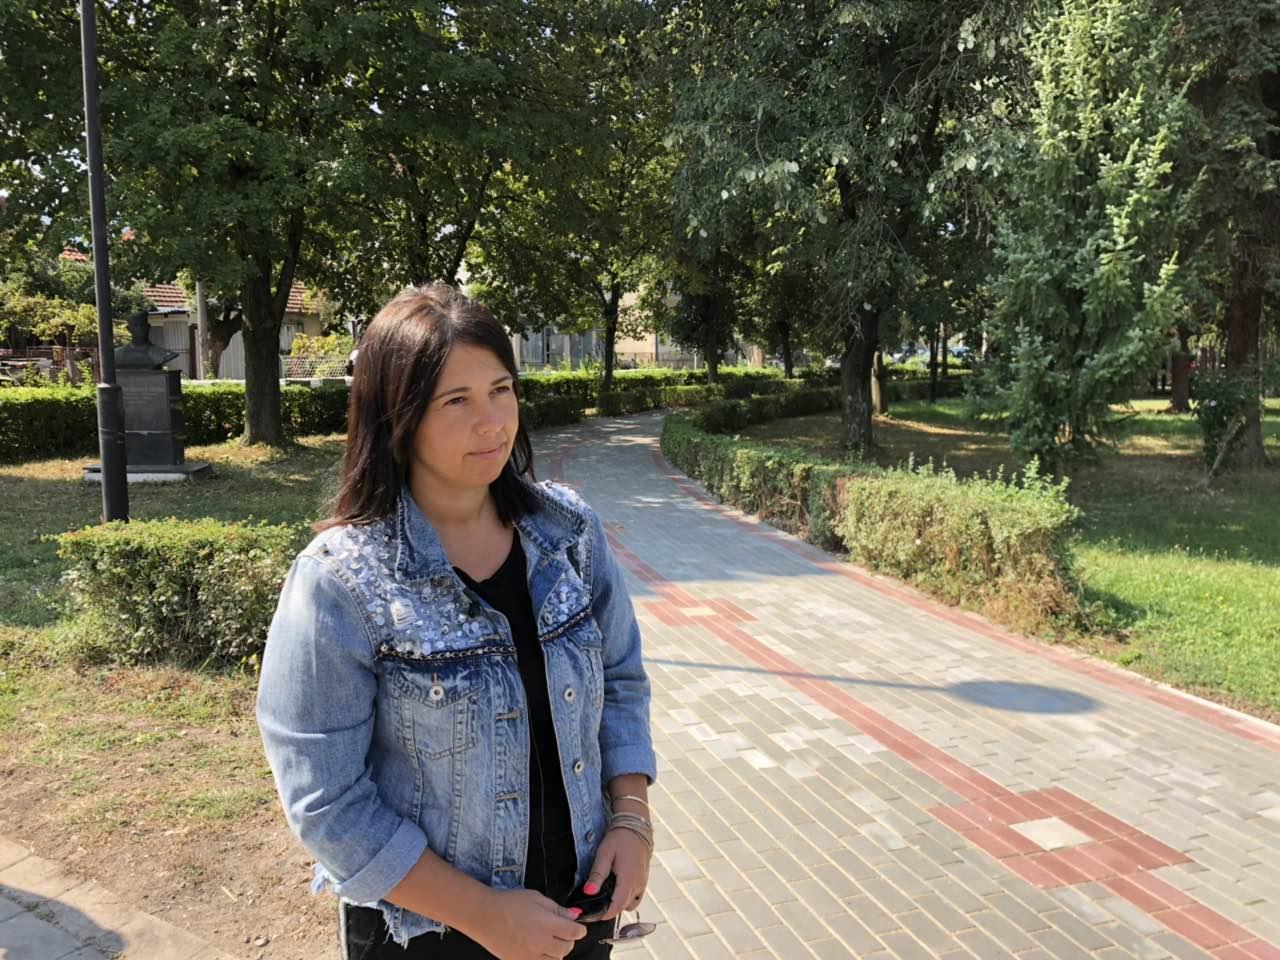 Predsednica opštine Svrljig Jelena Trifunović obišla gradski park, foto: M.M.